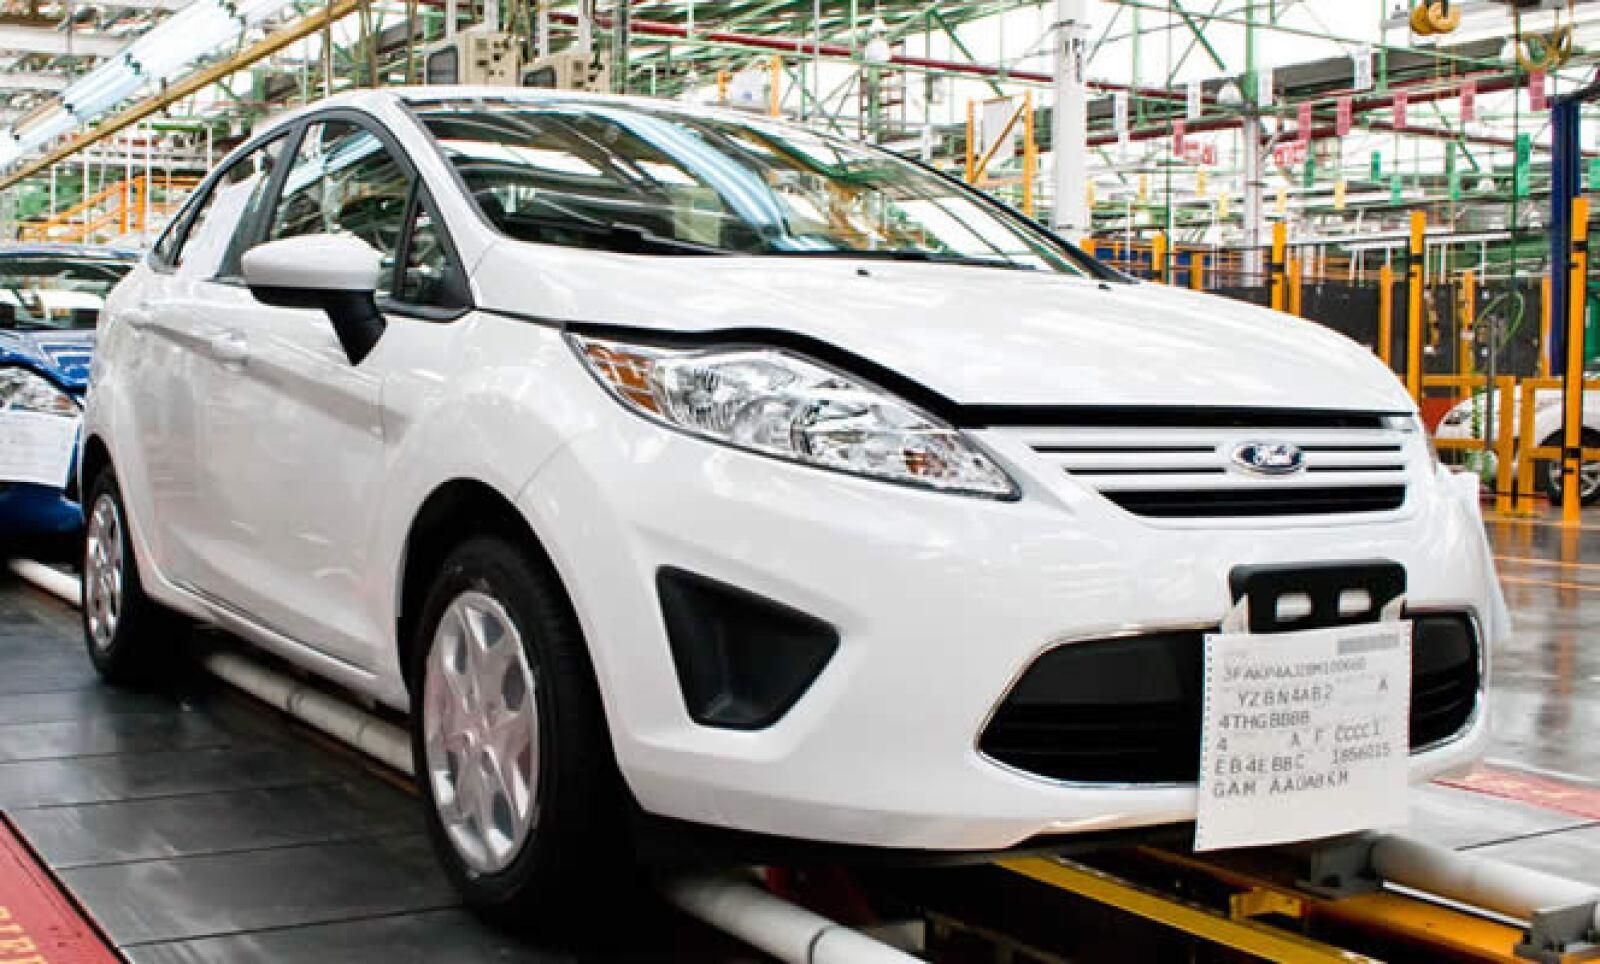 Ford Fiesta se ha convertido en el auto compacto de mayor venta en Europa y el Reino Unido en los últimos dos años, según la automotriz.